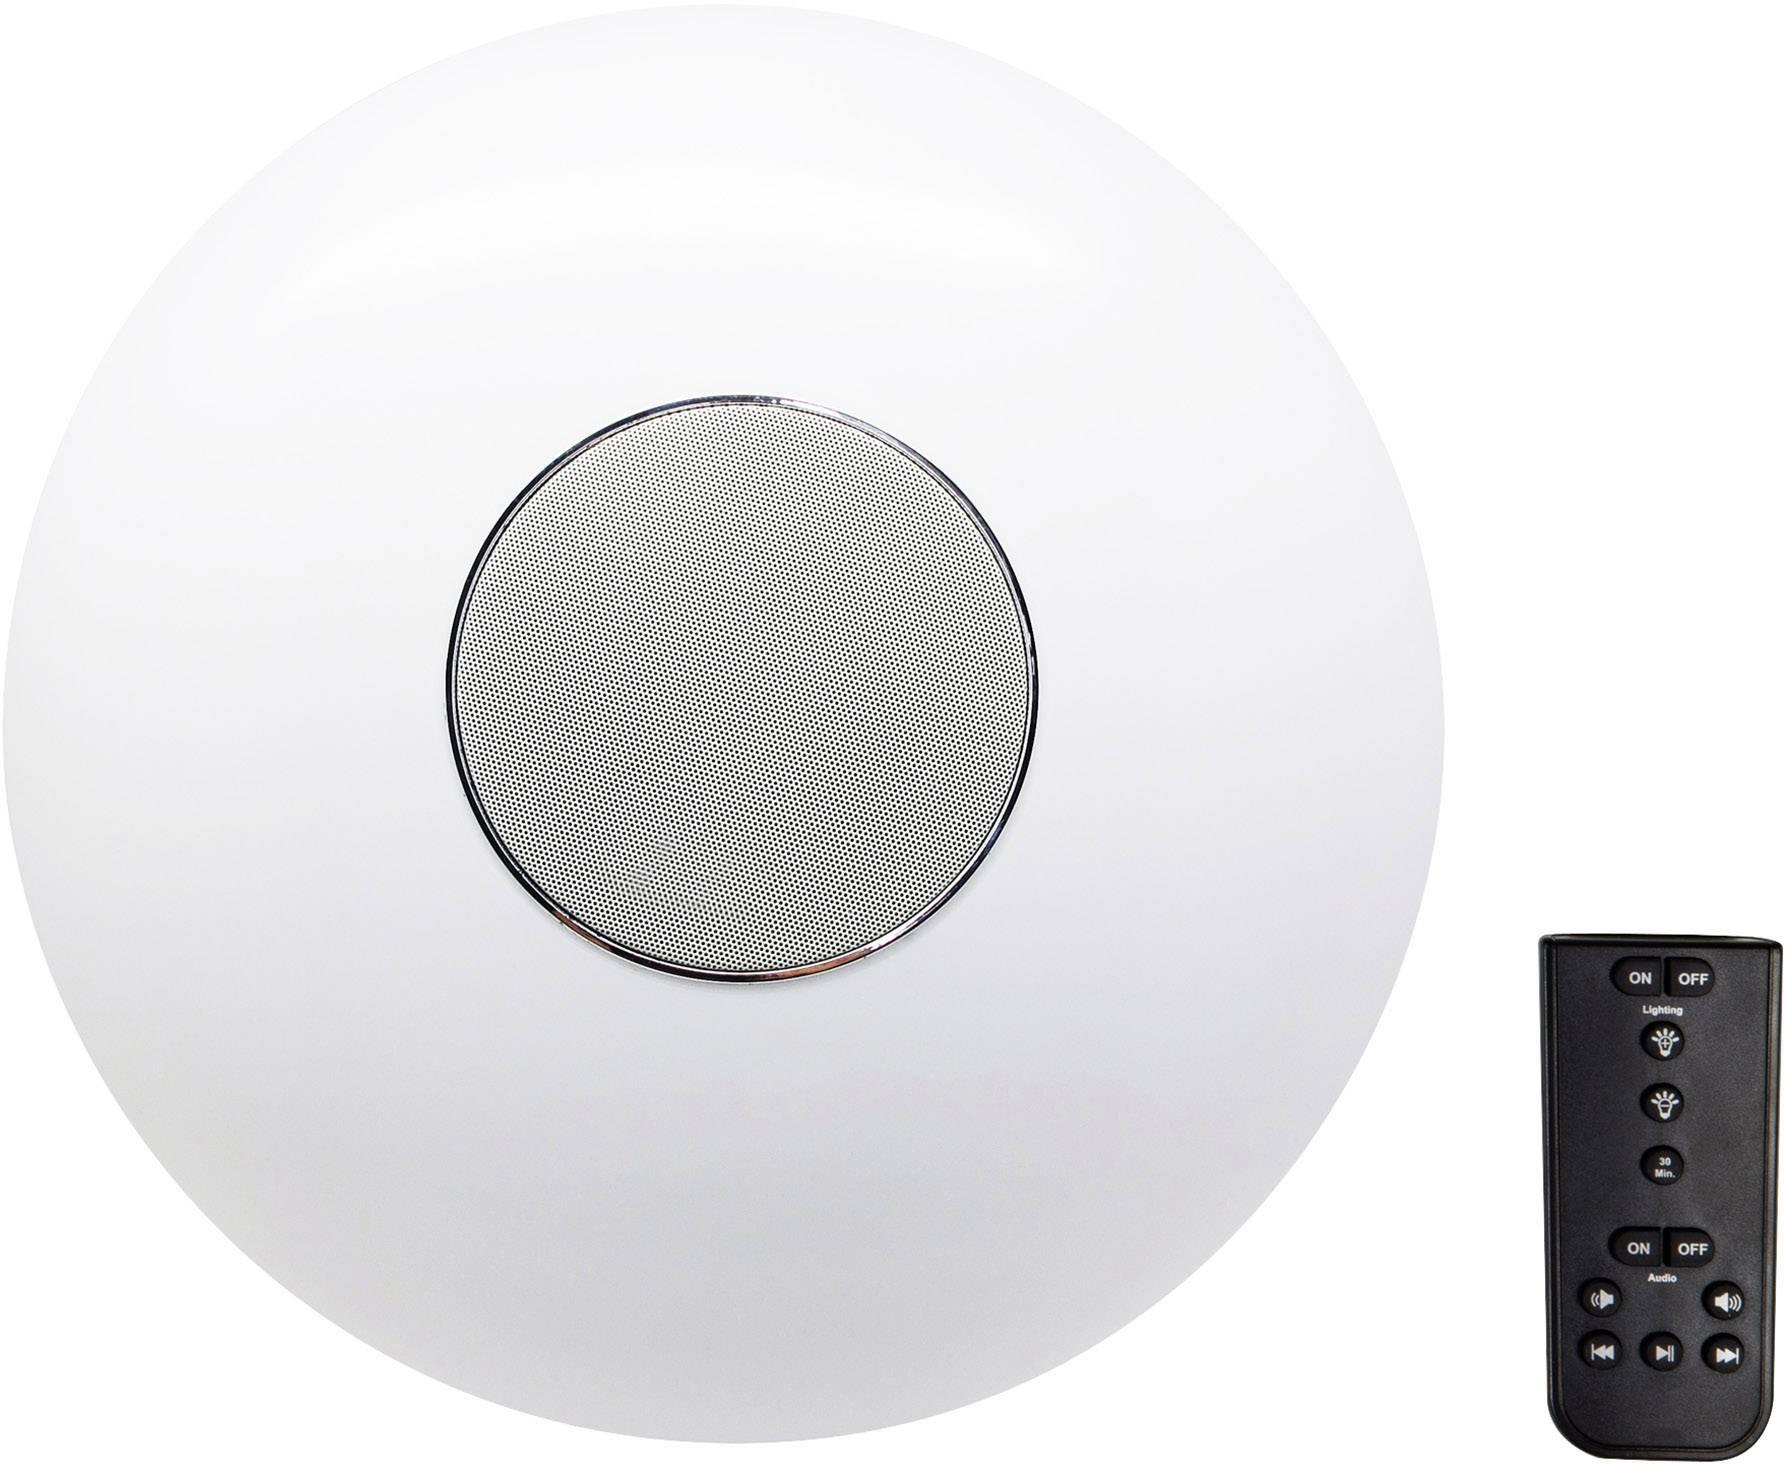 LED stropní svítidlo s reproduktorem 2v1 Renkforce Rubi, s dálk.ovladačem, Bluetooth,Vnější Ø 40 cm, bílá